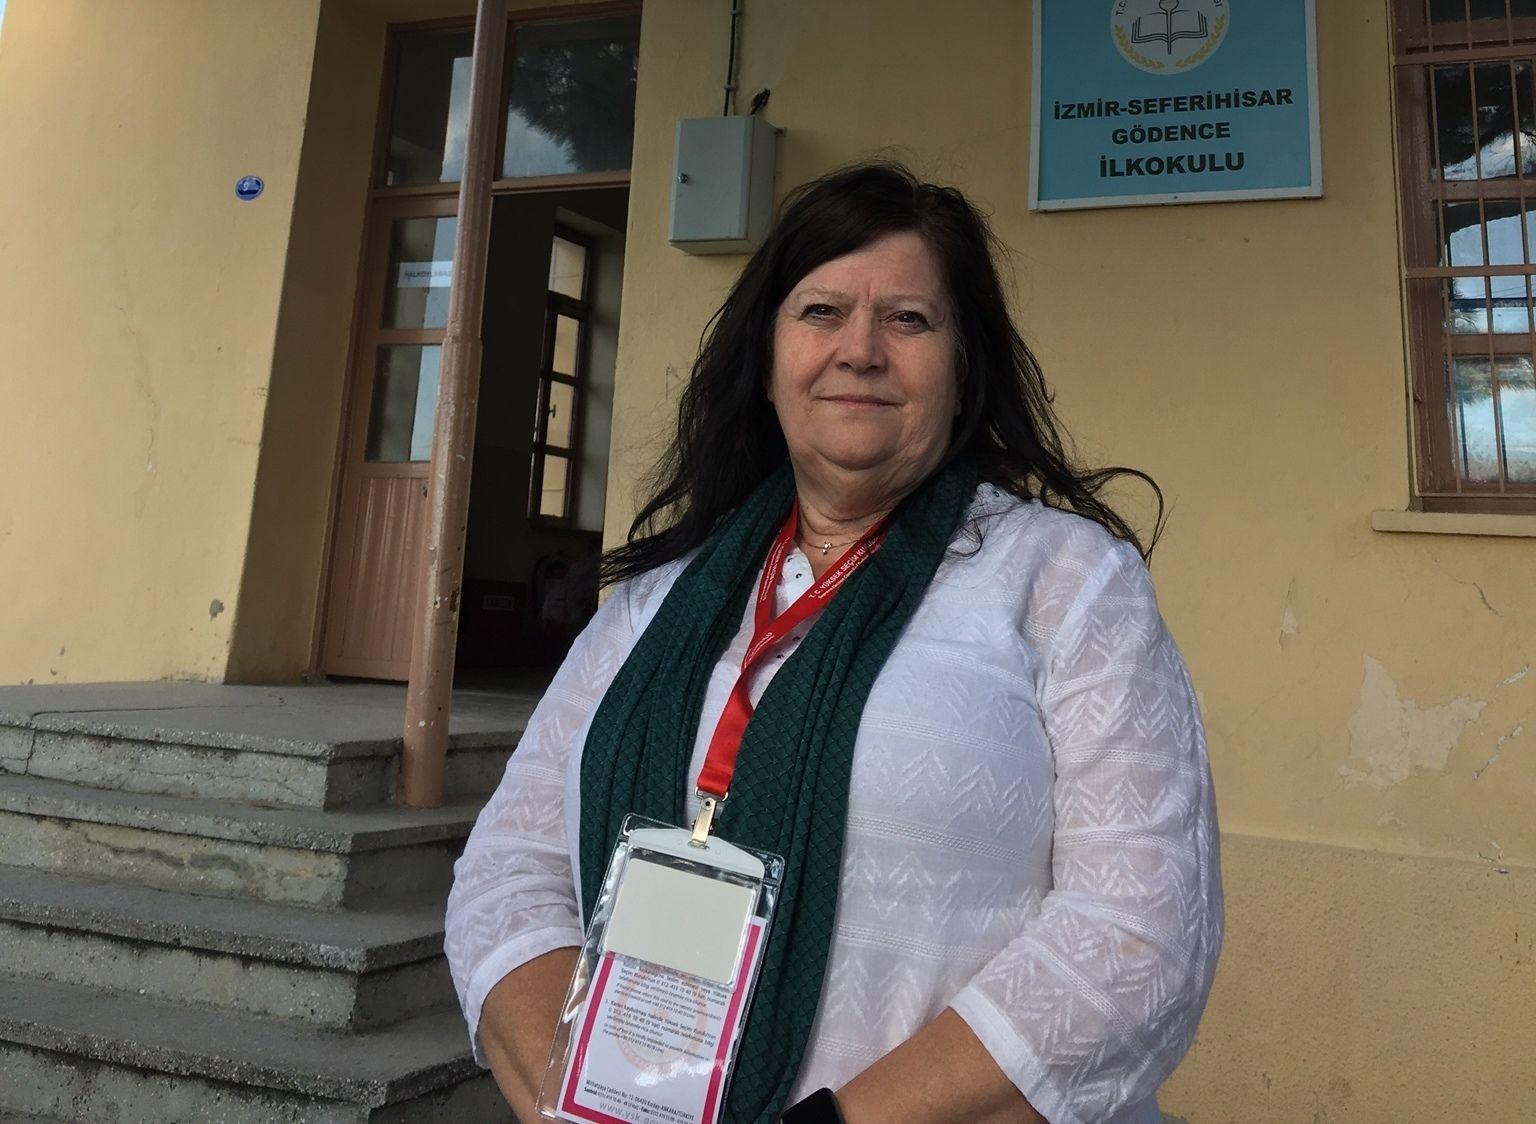 VAR OBSERVATØR: Ingebjørg Godskesen under oppdraget som valgobservatør i Tyrkia.